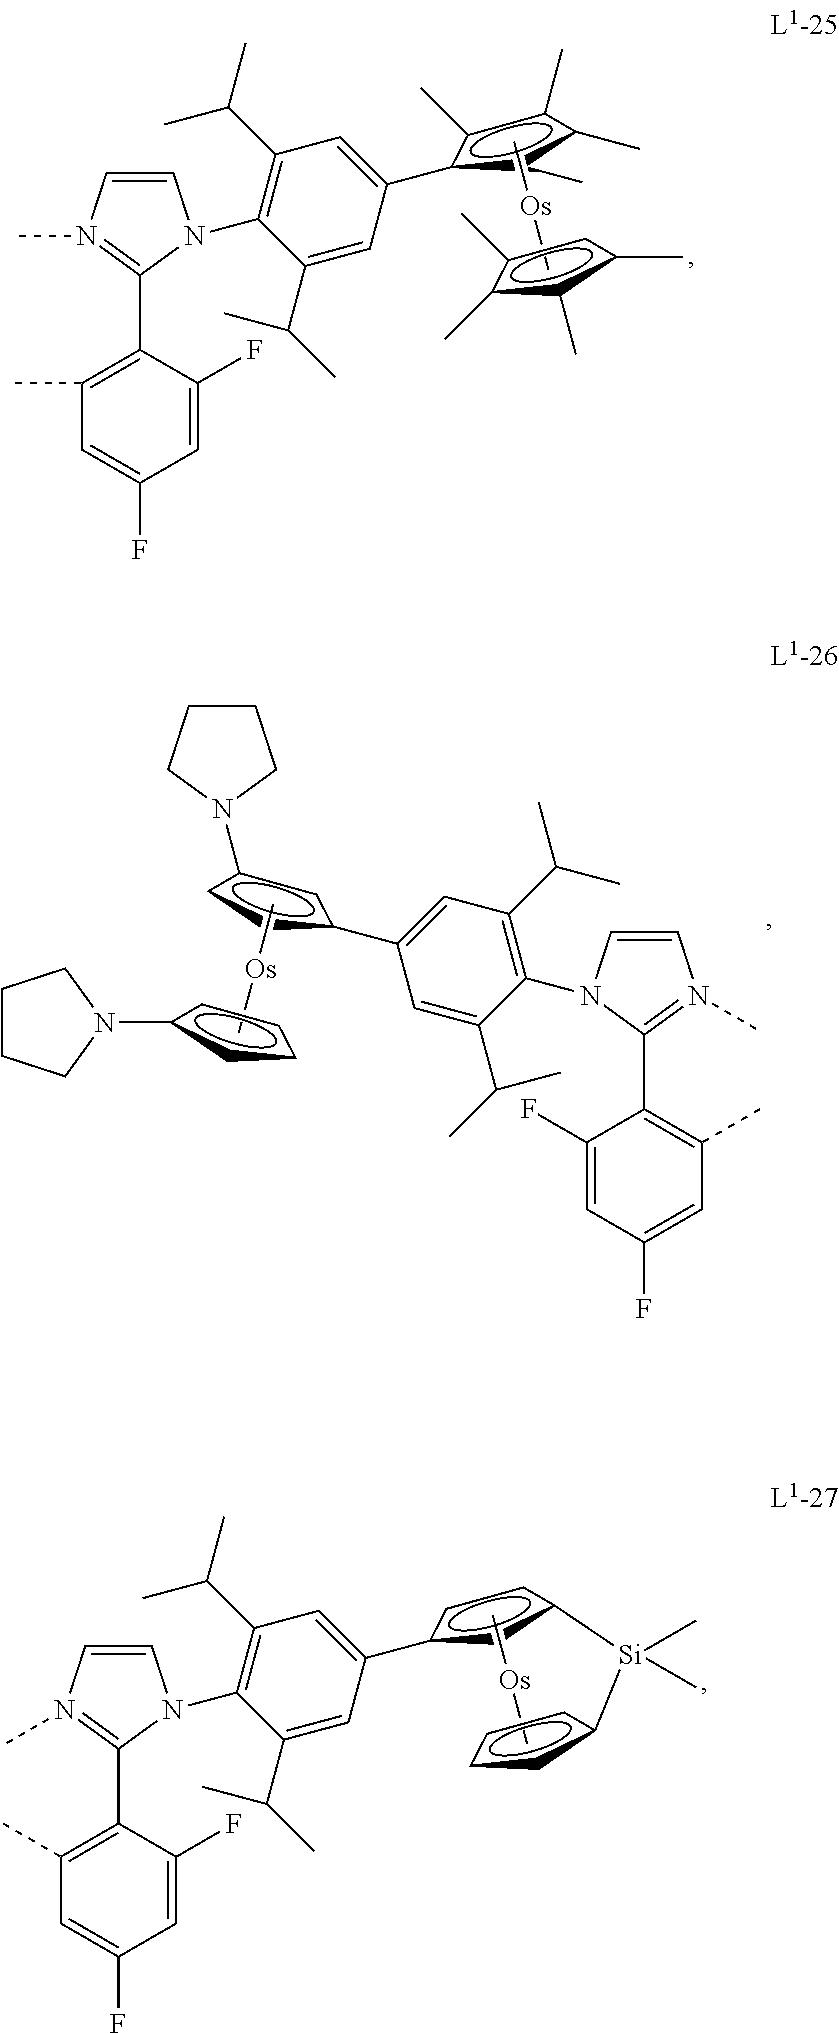 Figure US09680113-20170613-C00019